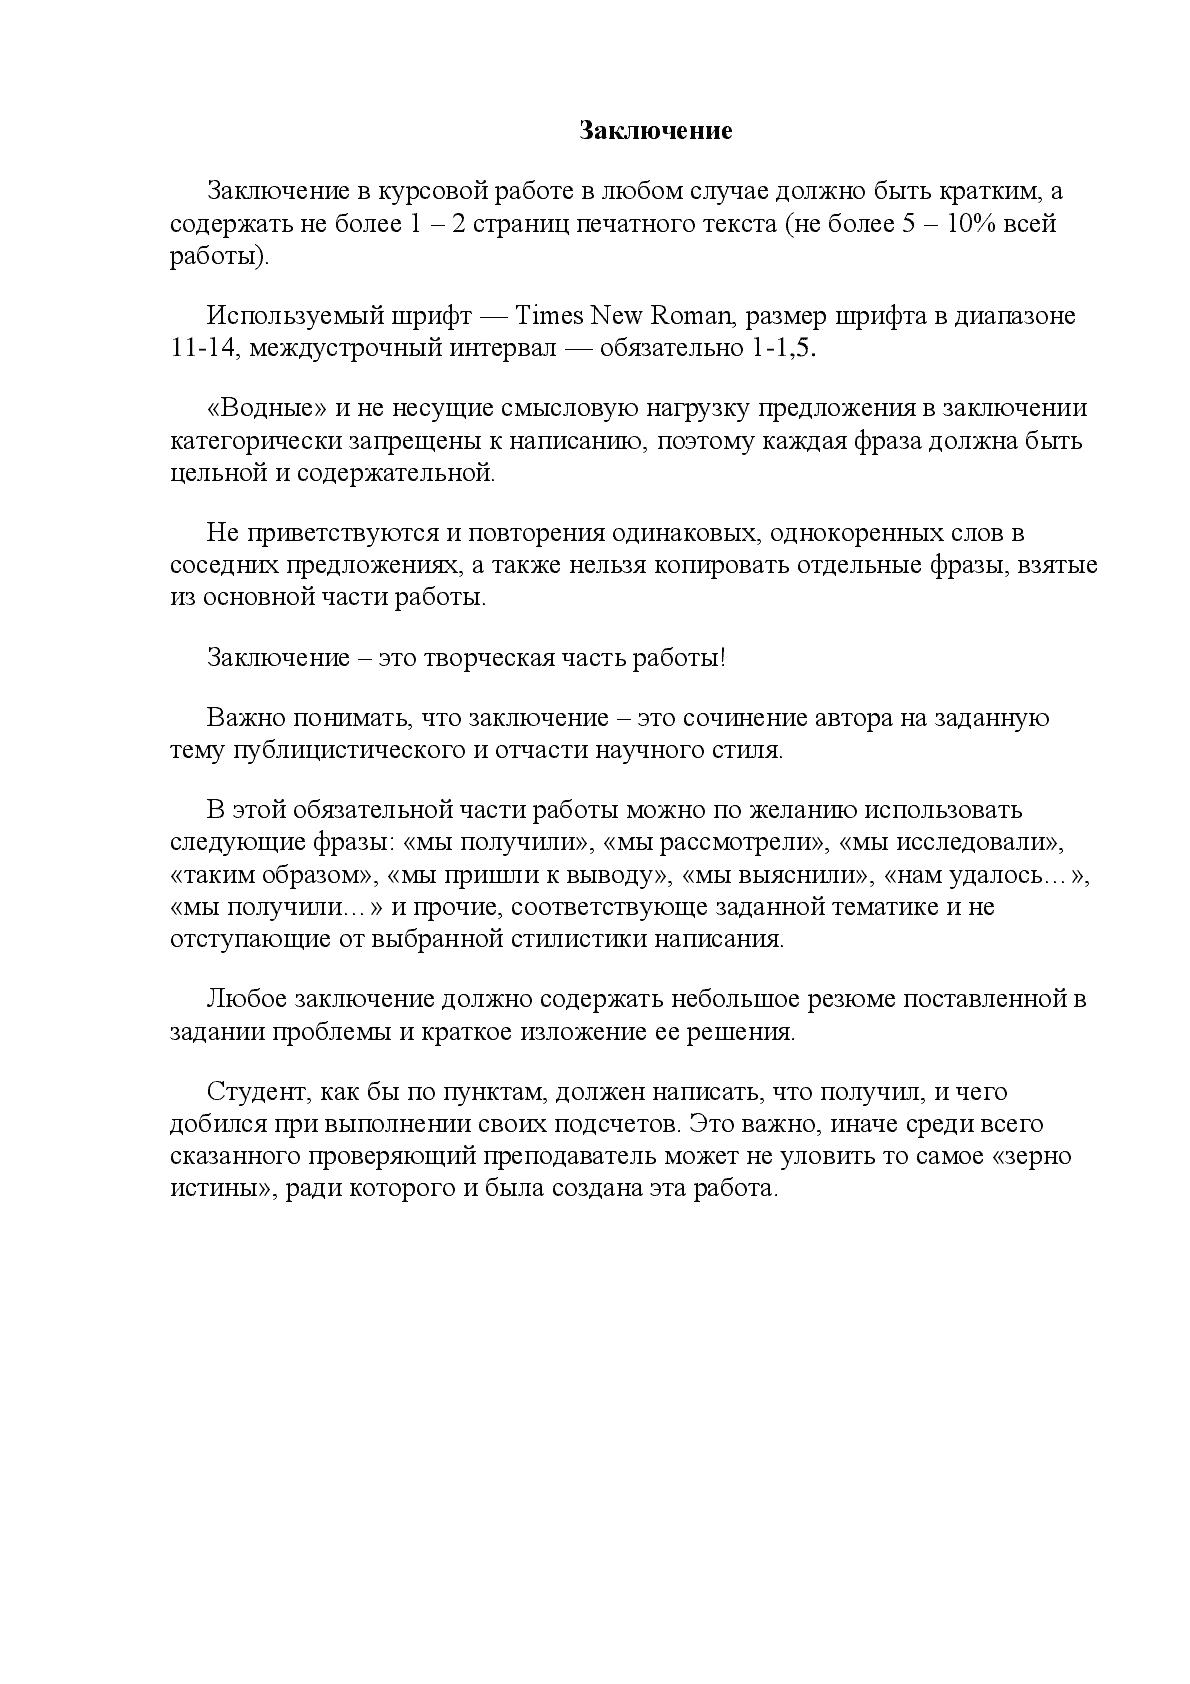 Заключение в курсовой работе - структура и примеры